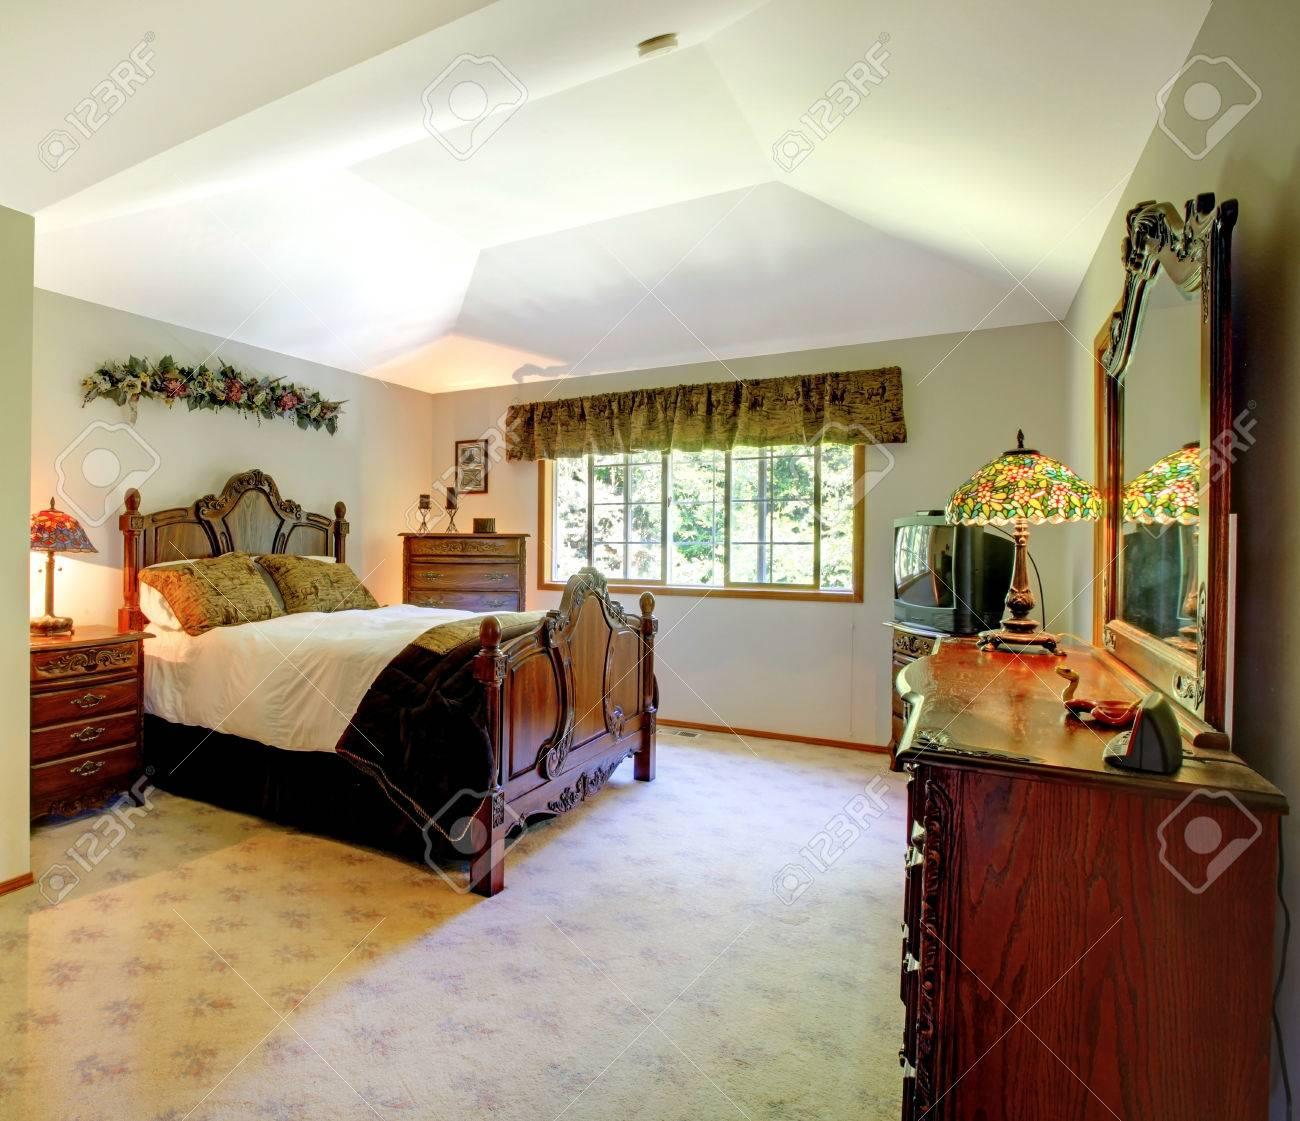 Grosse Grune Wande Traditionelle Amerikanische Schlafzimmer Lizenzfreie Fotos Bilder Und Stock Fotografie Image 30322270